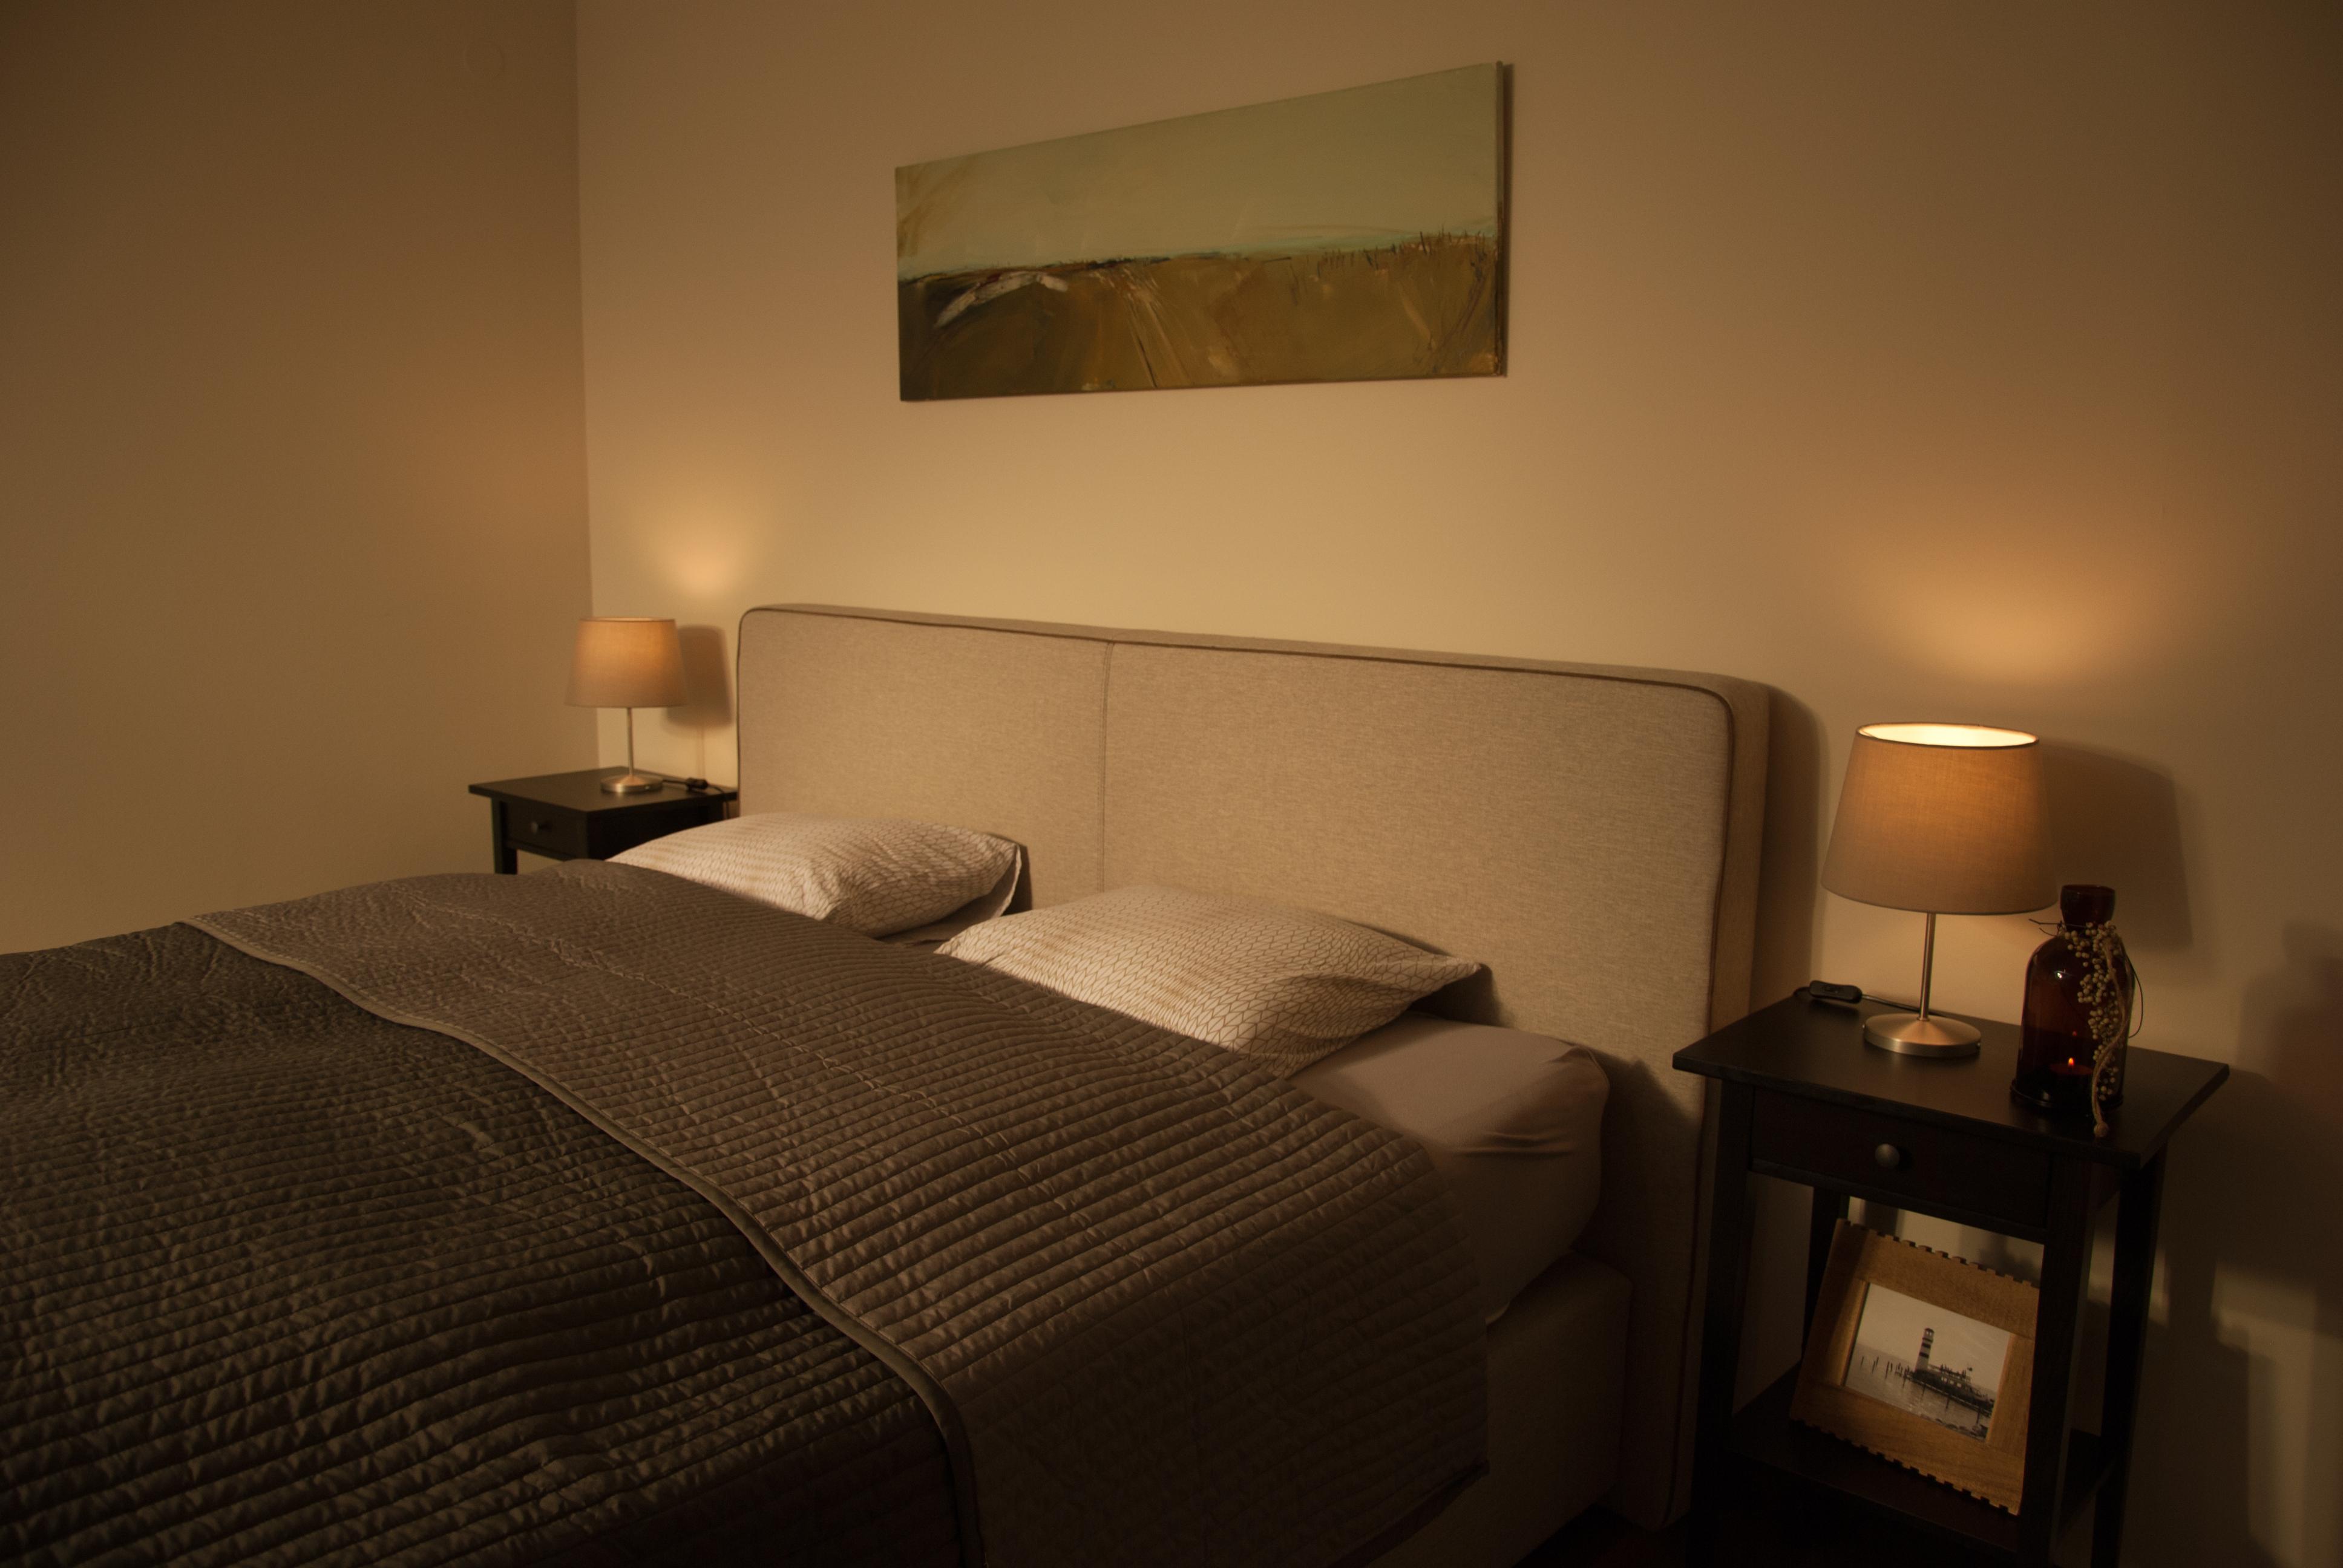 schlafzimmer unten DSC_3266